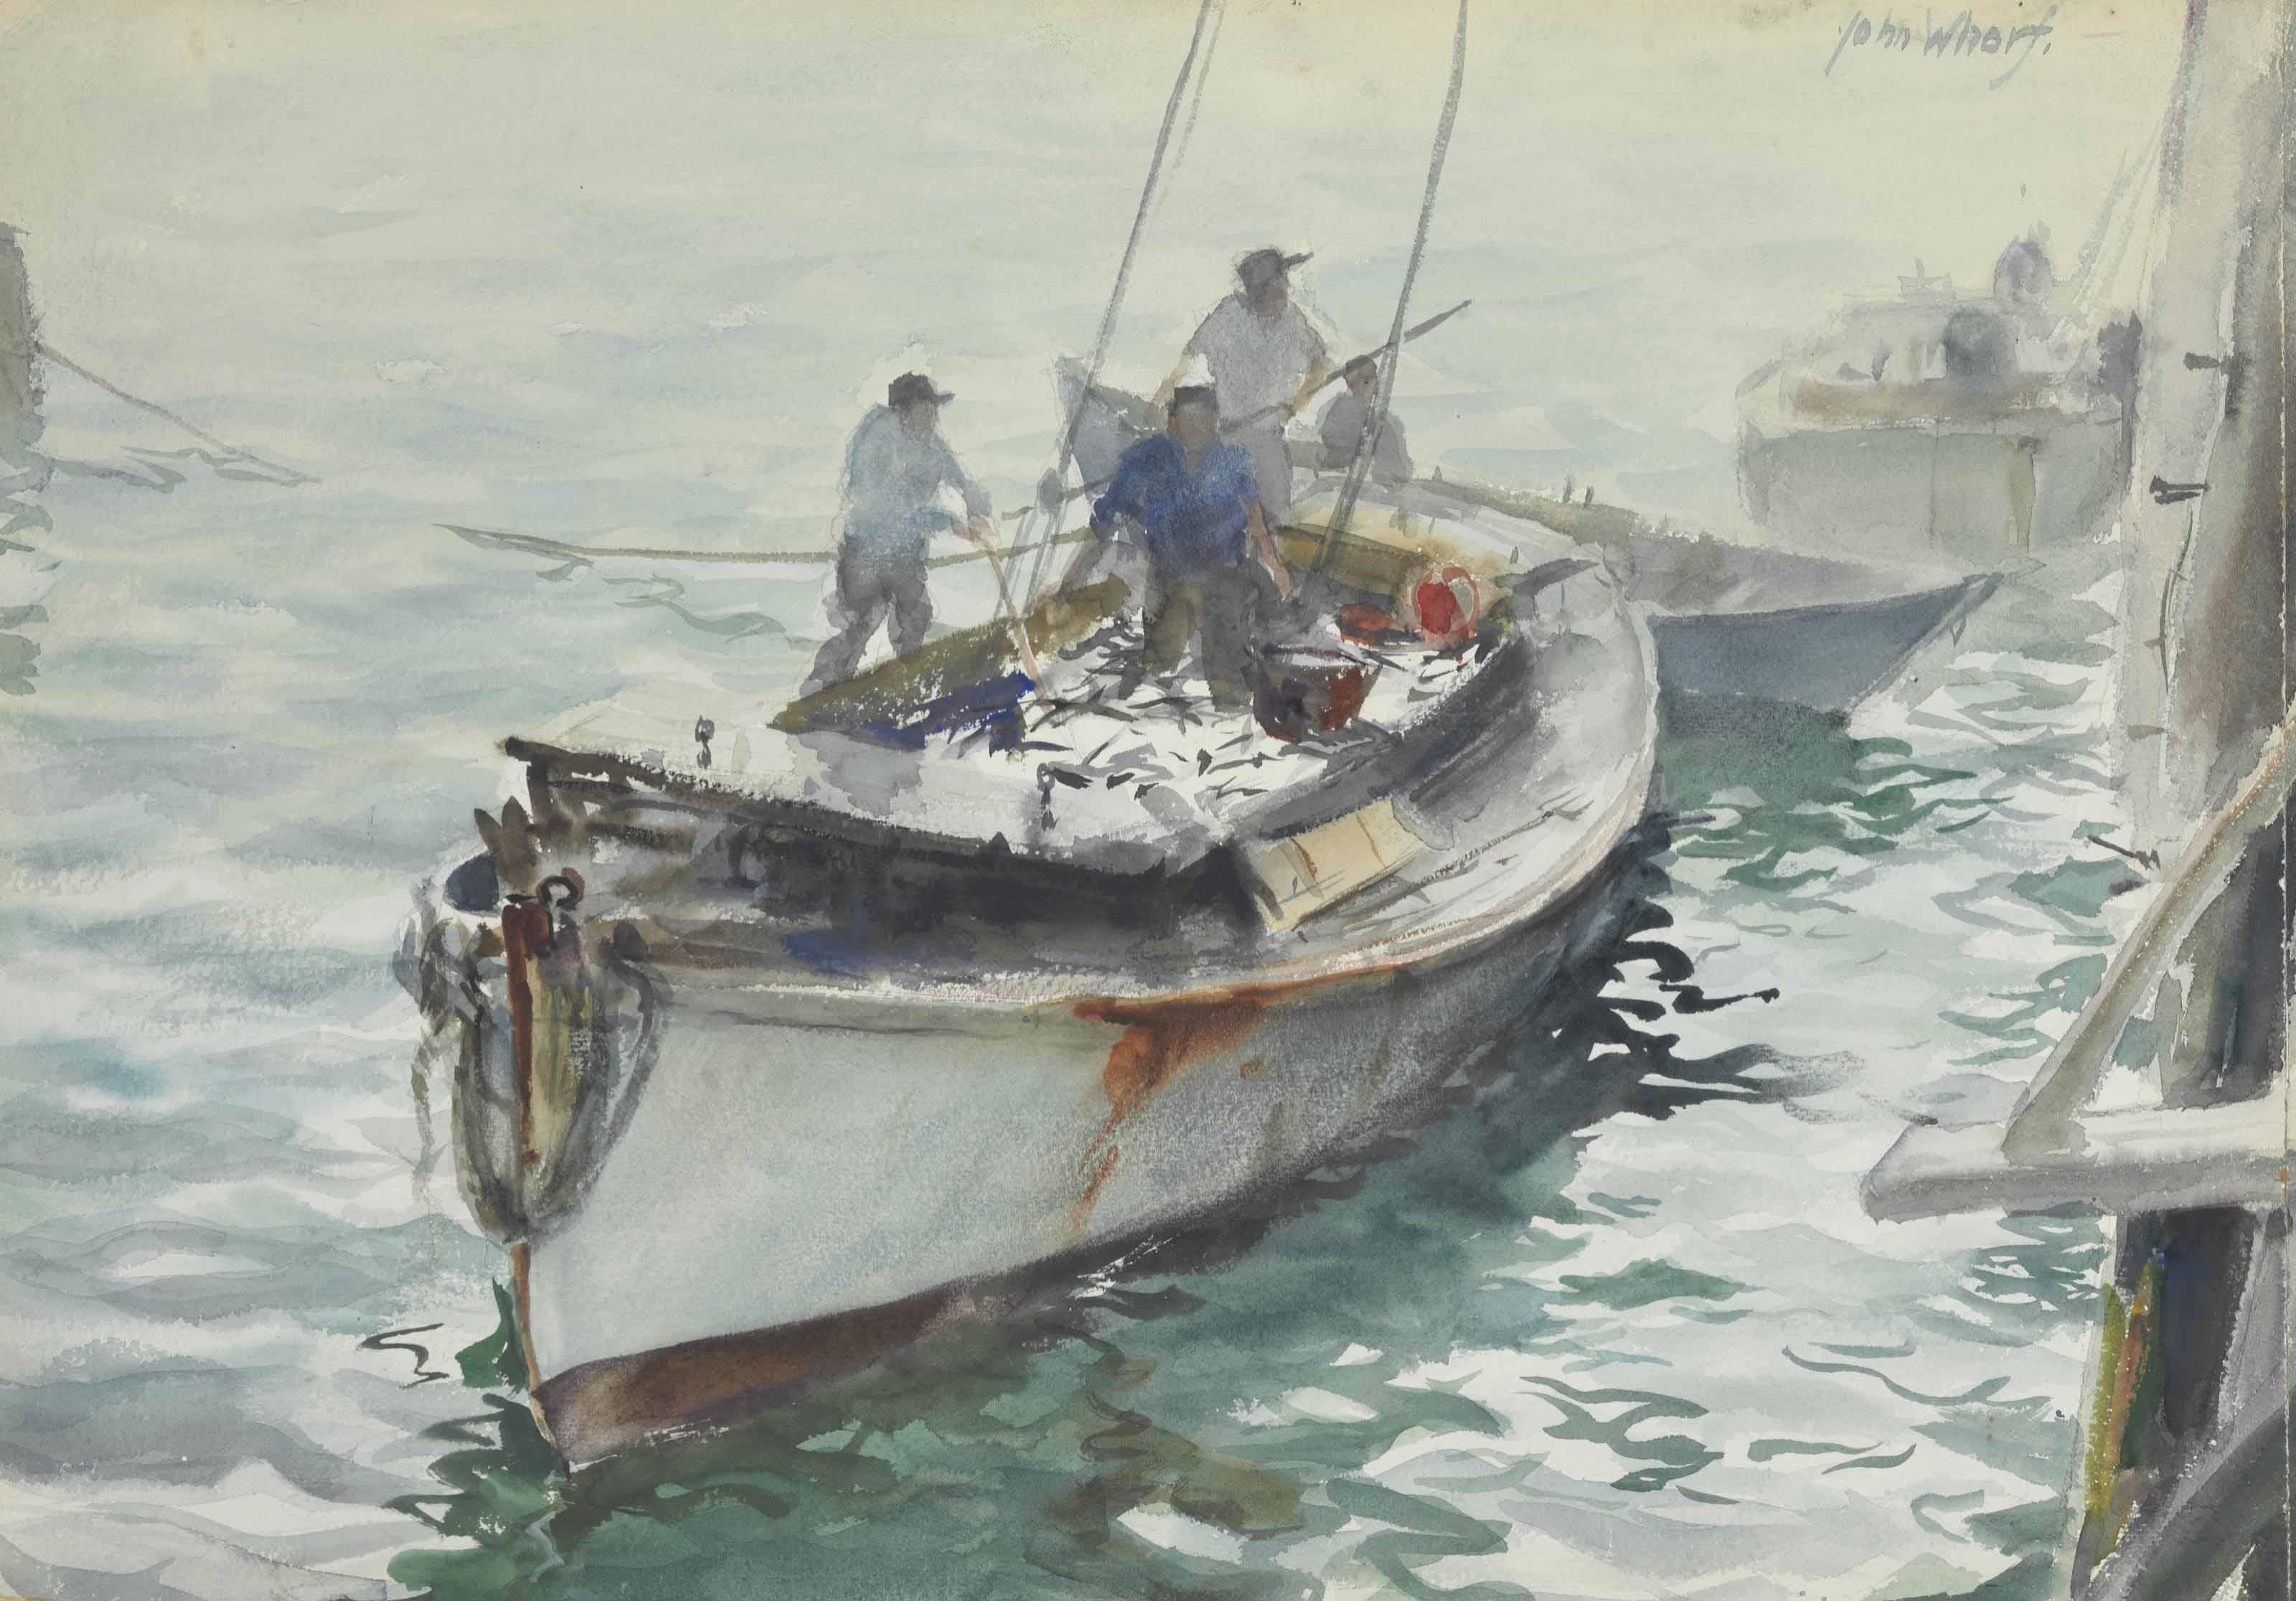 Fishermen in Dory